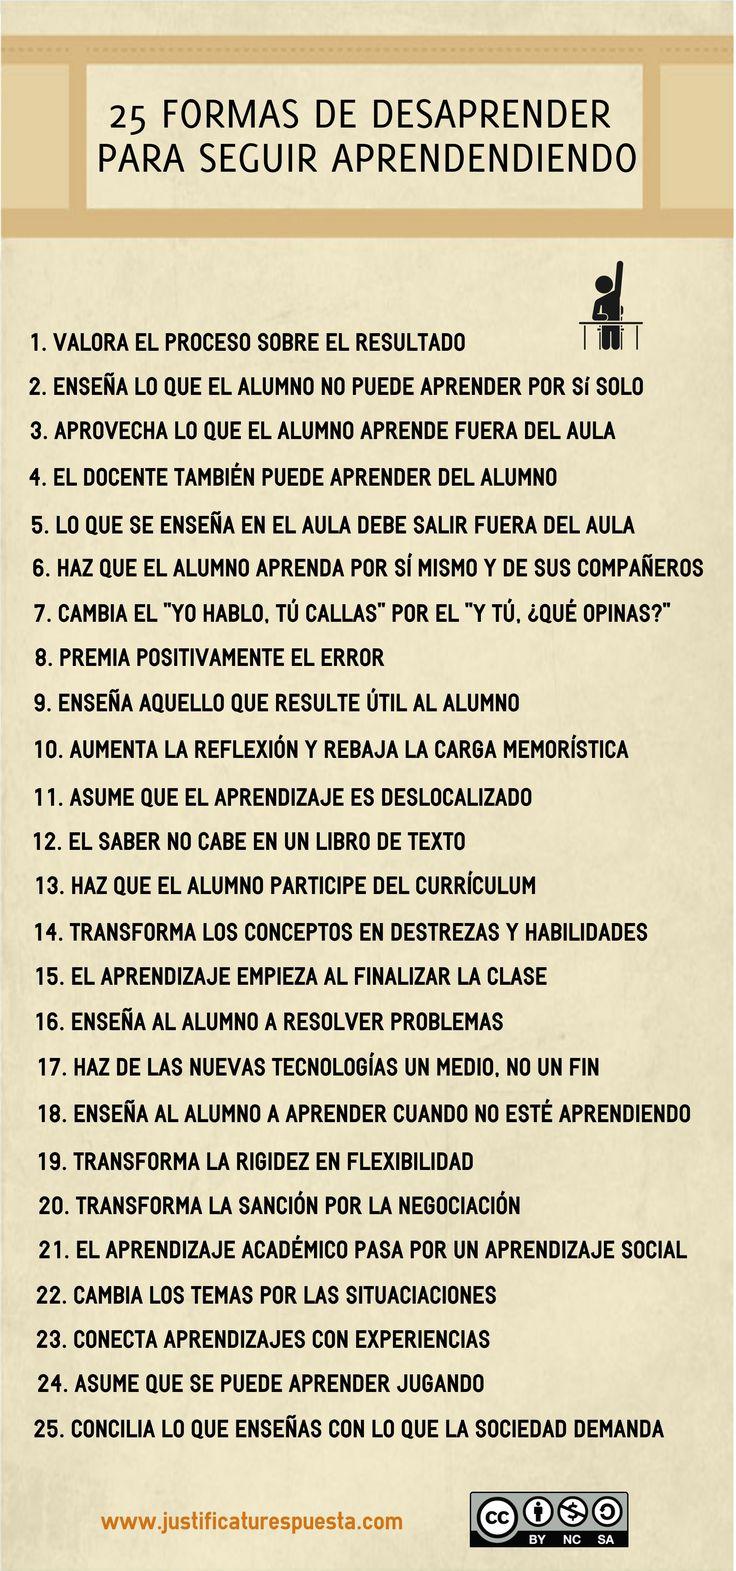 25 normas de  Desaprender para seguir aprendiendo